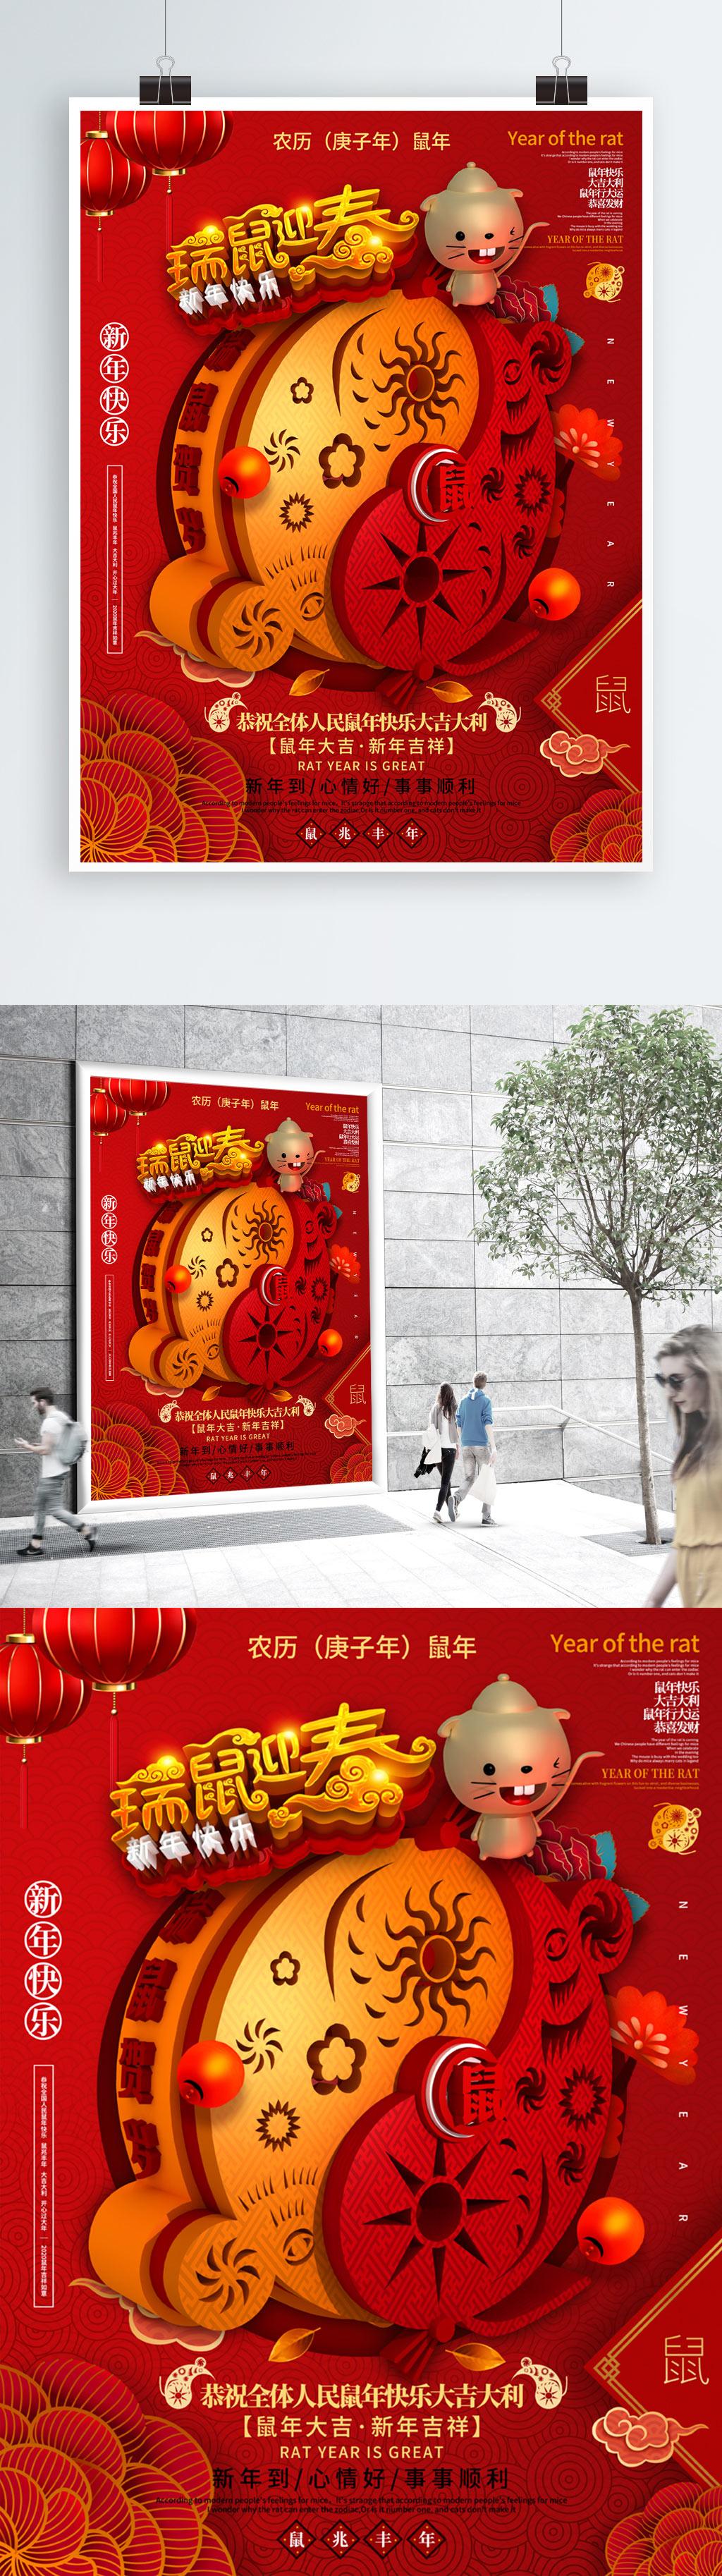 C4D创意瑞鼠2020迎春海报